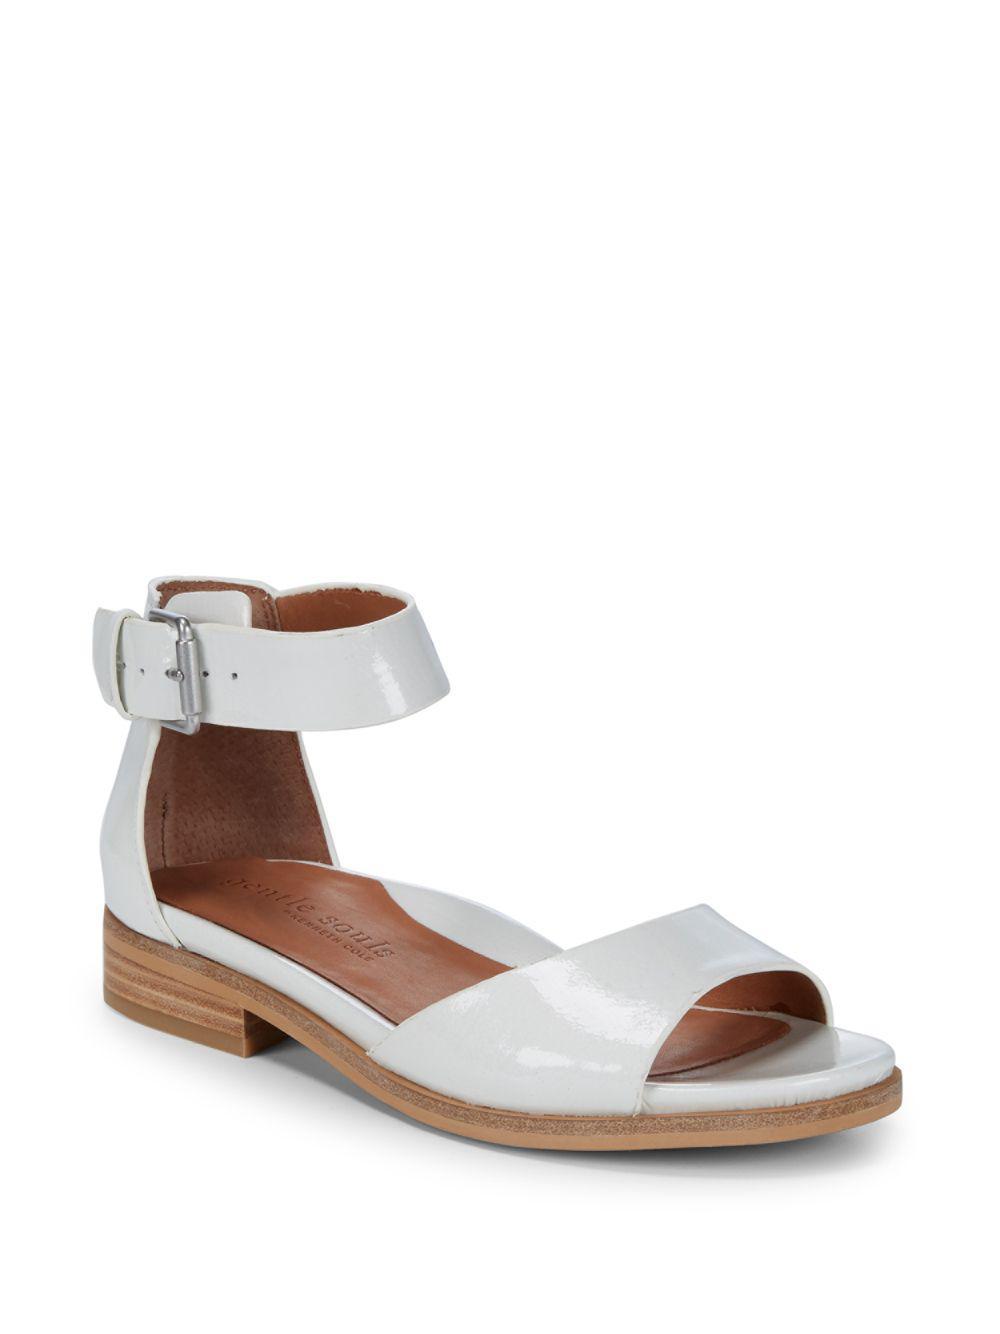 Gentle Souls Gracey Ankle Strap Sandal (Women's)